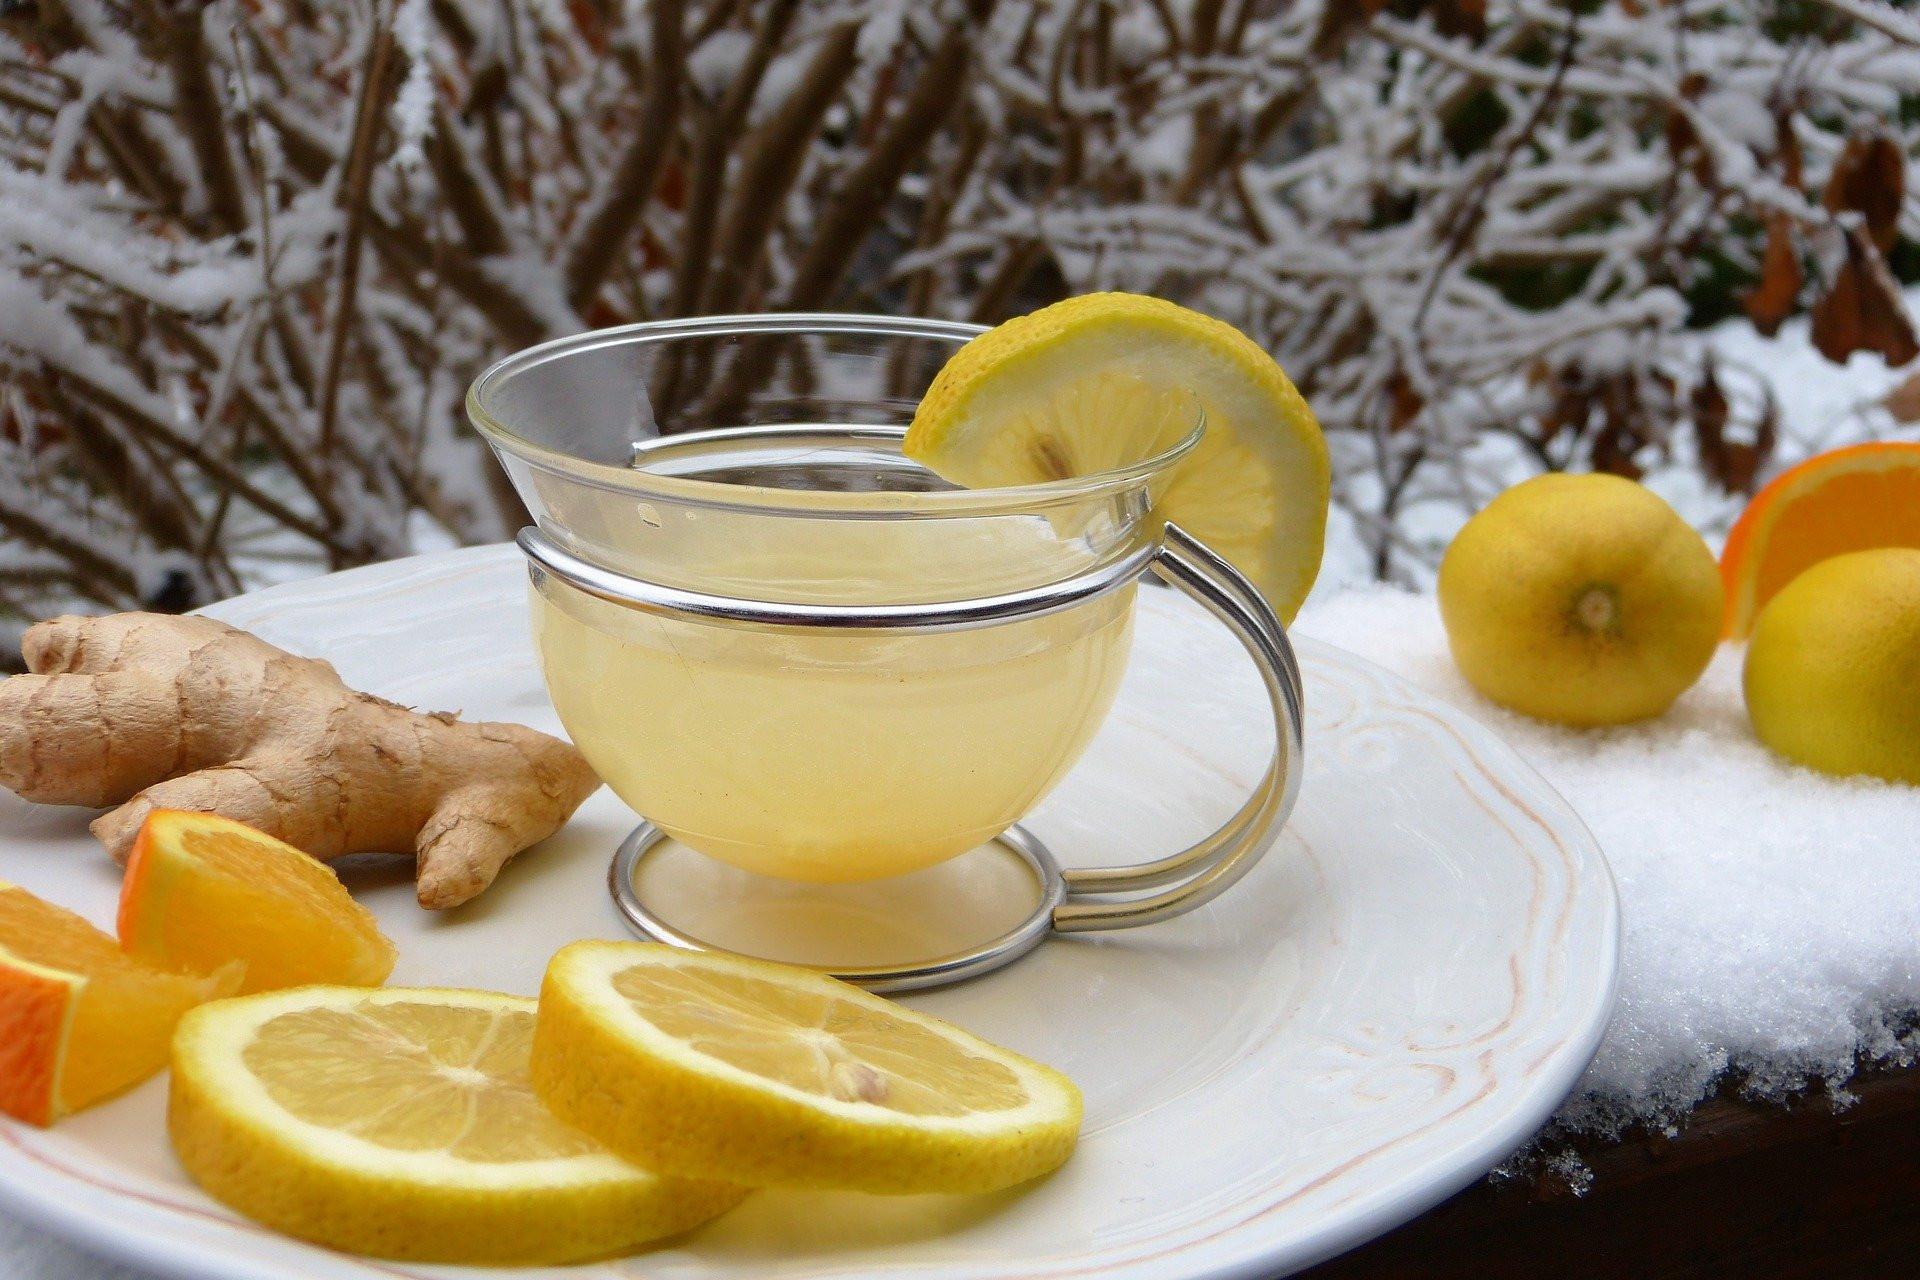 A gyömbér és a citrom együtt is bevethető